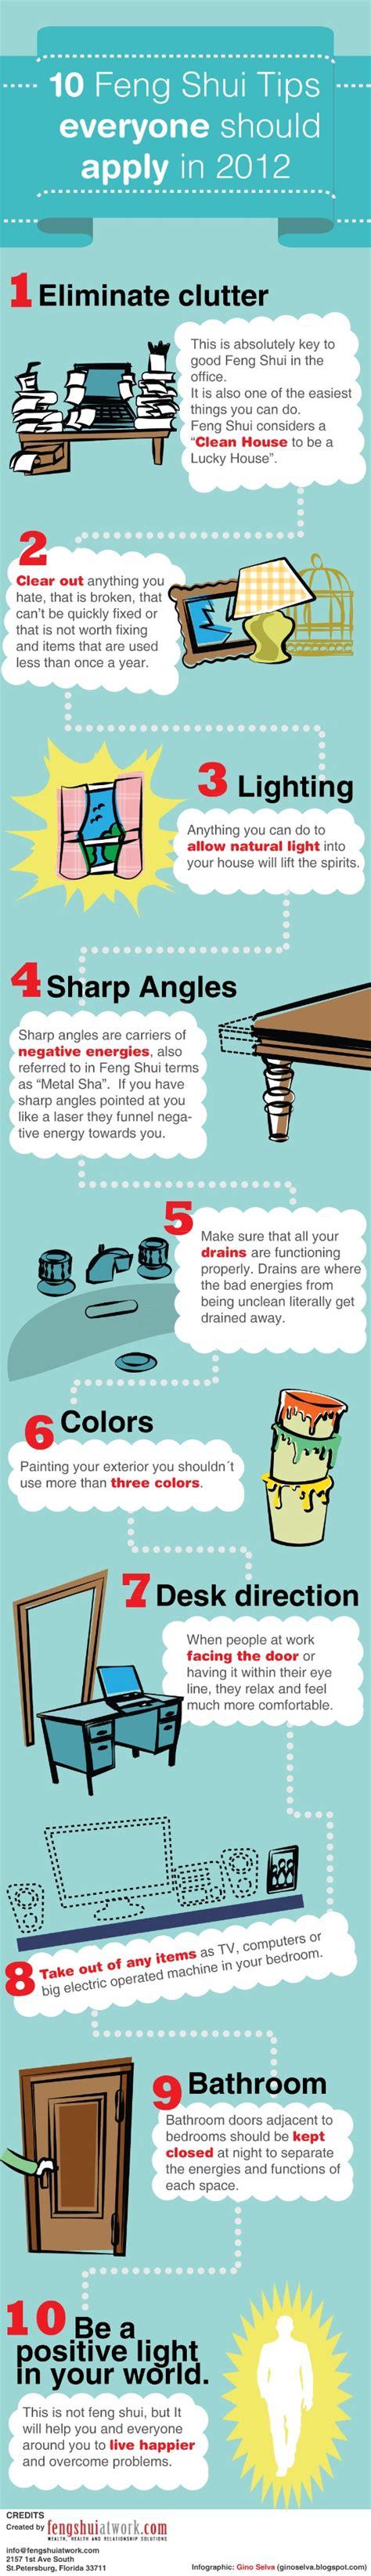 feng shui guide 10 feng shui tips daily infographic